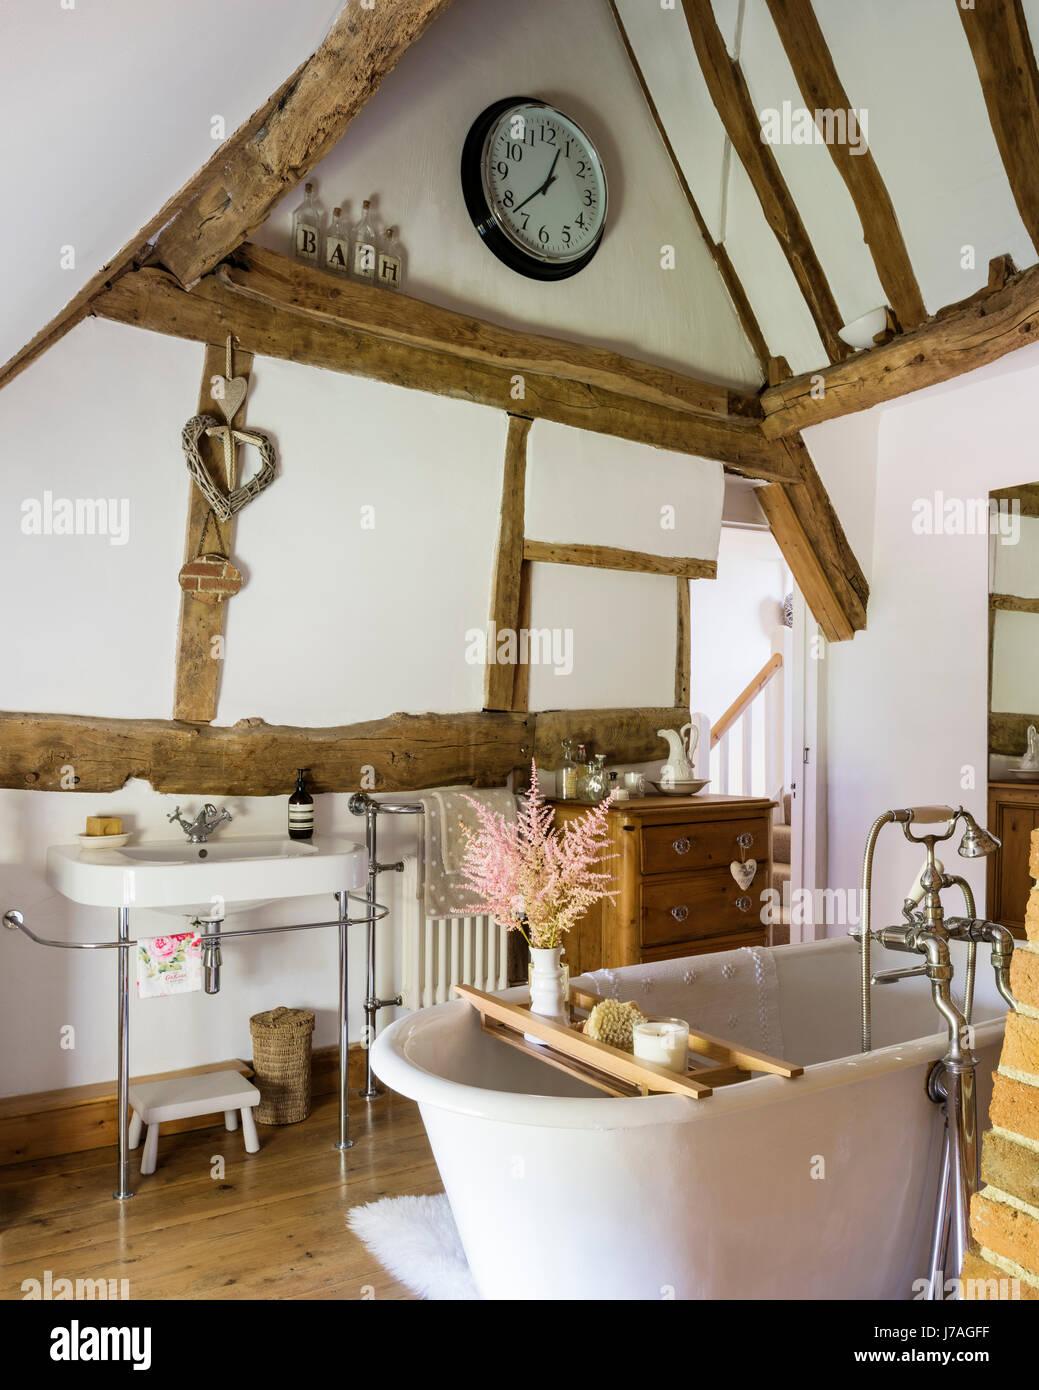 Gewölbte Badezimmer mit alten Balken und Roll-Top französische Bad ...